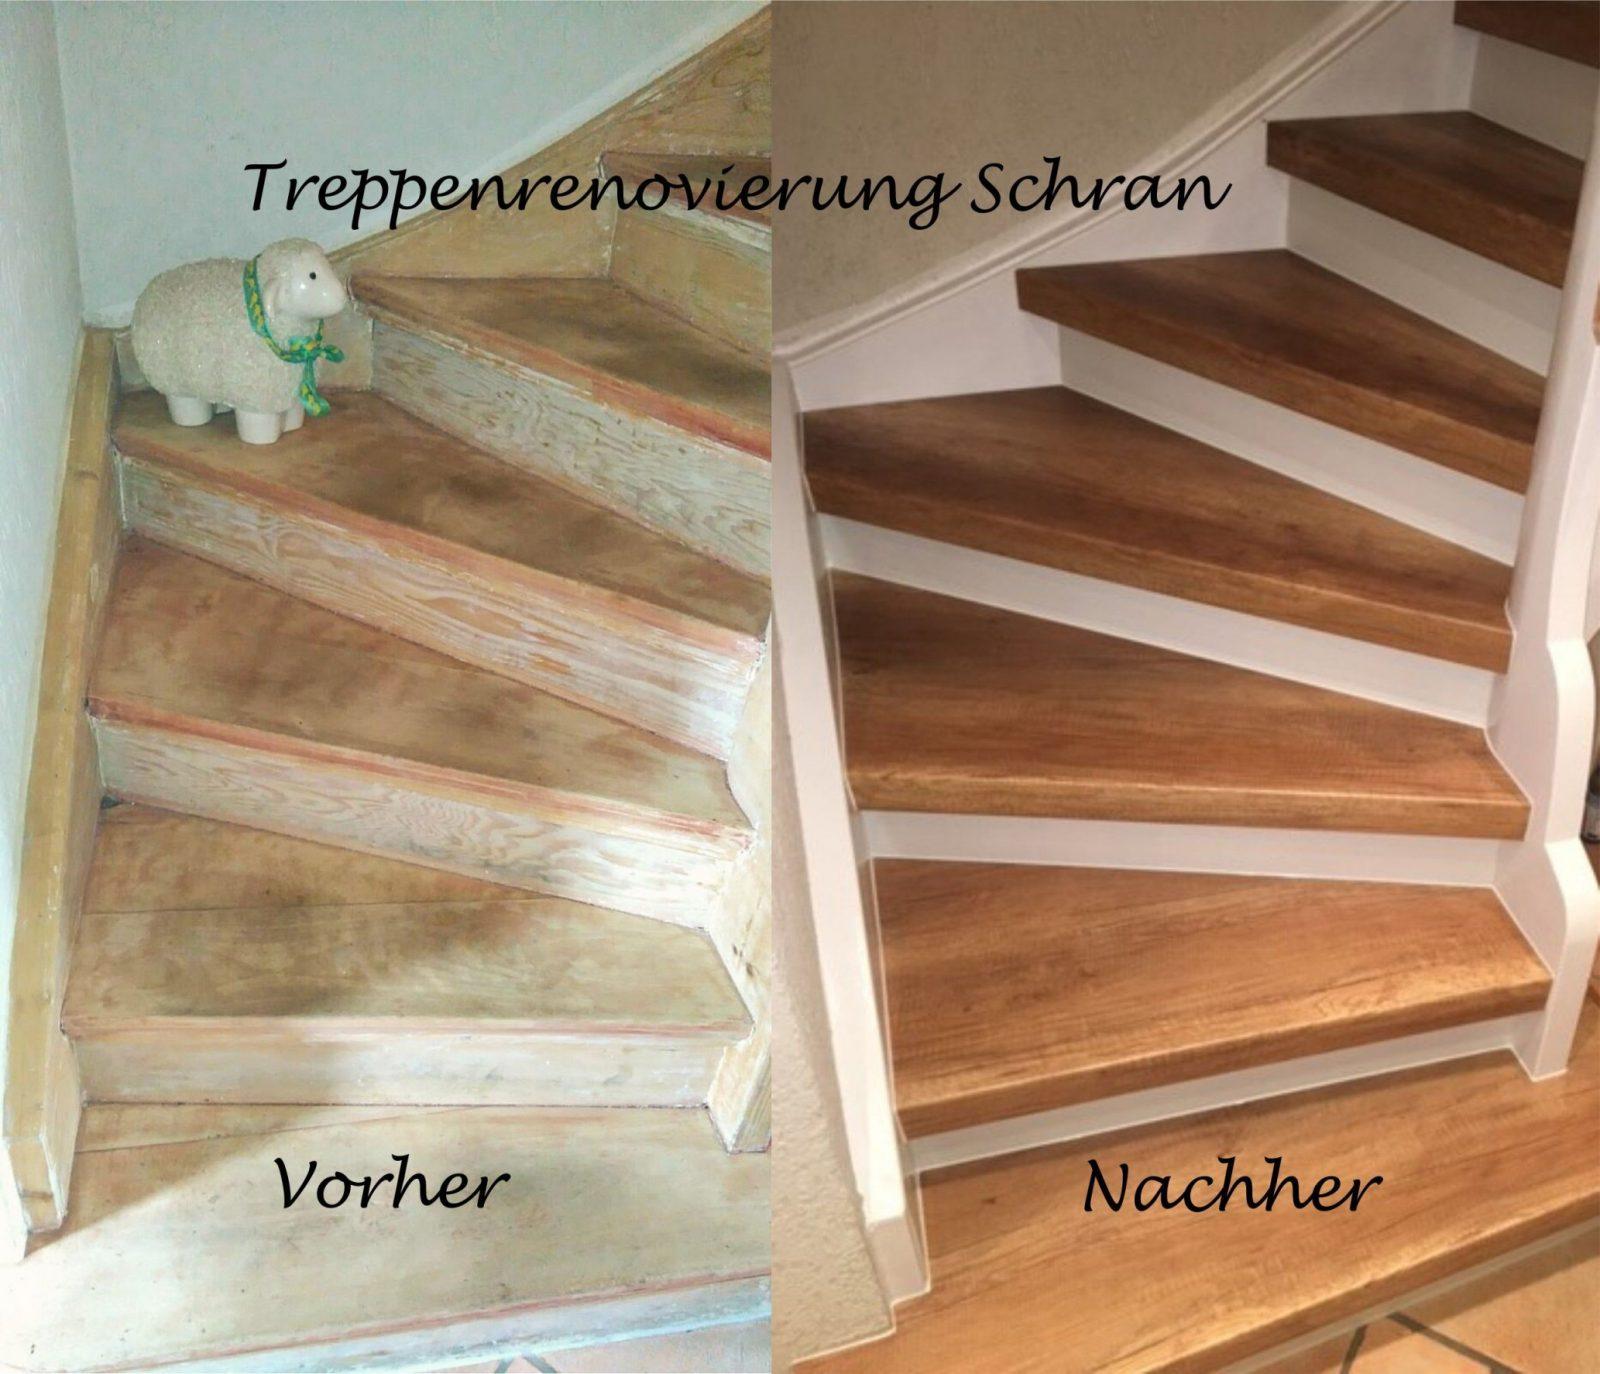 Treppenrenovierung Mit Laminatstufen Stufendekor Eiche Vintage von Treppe Mit Vinyl Bekleben Photo